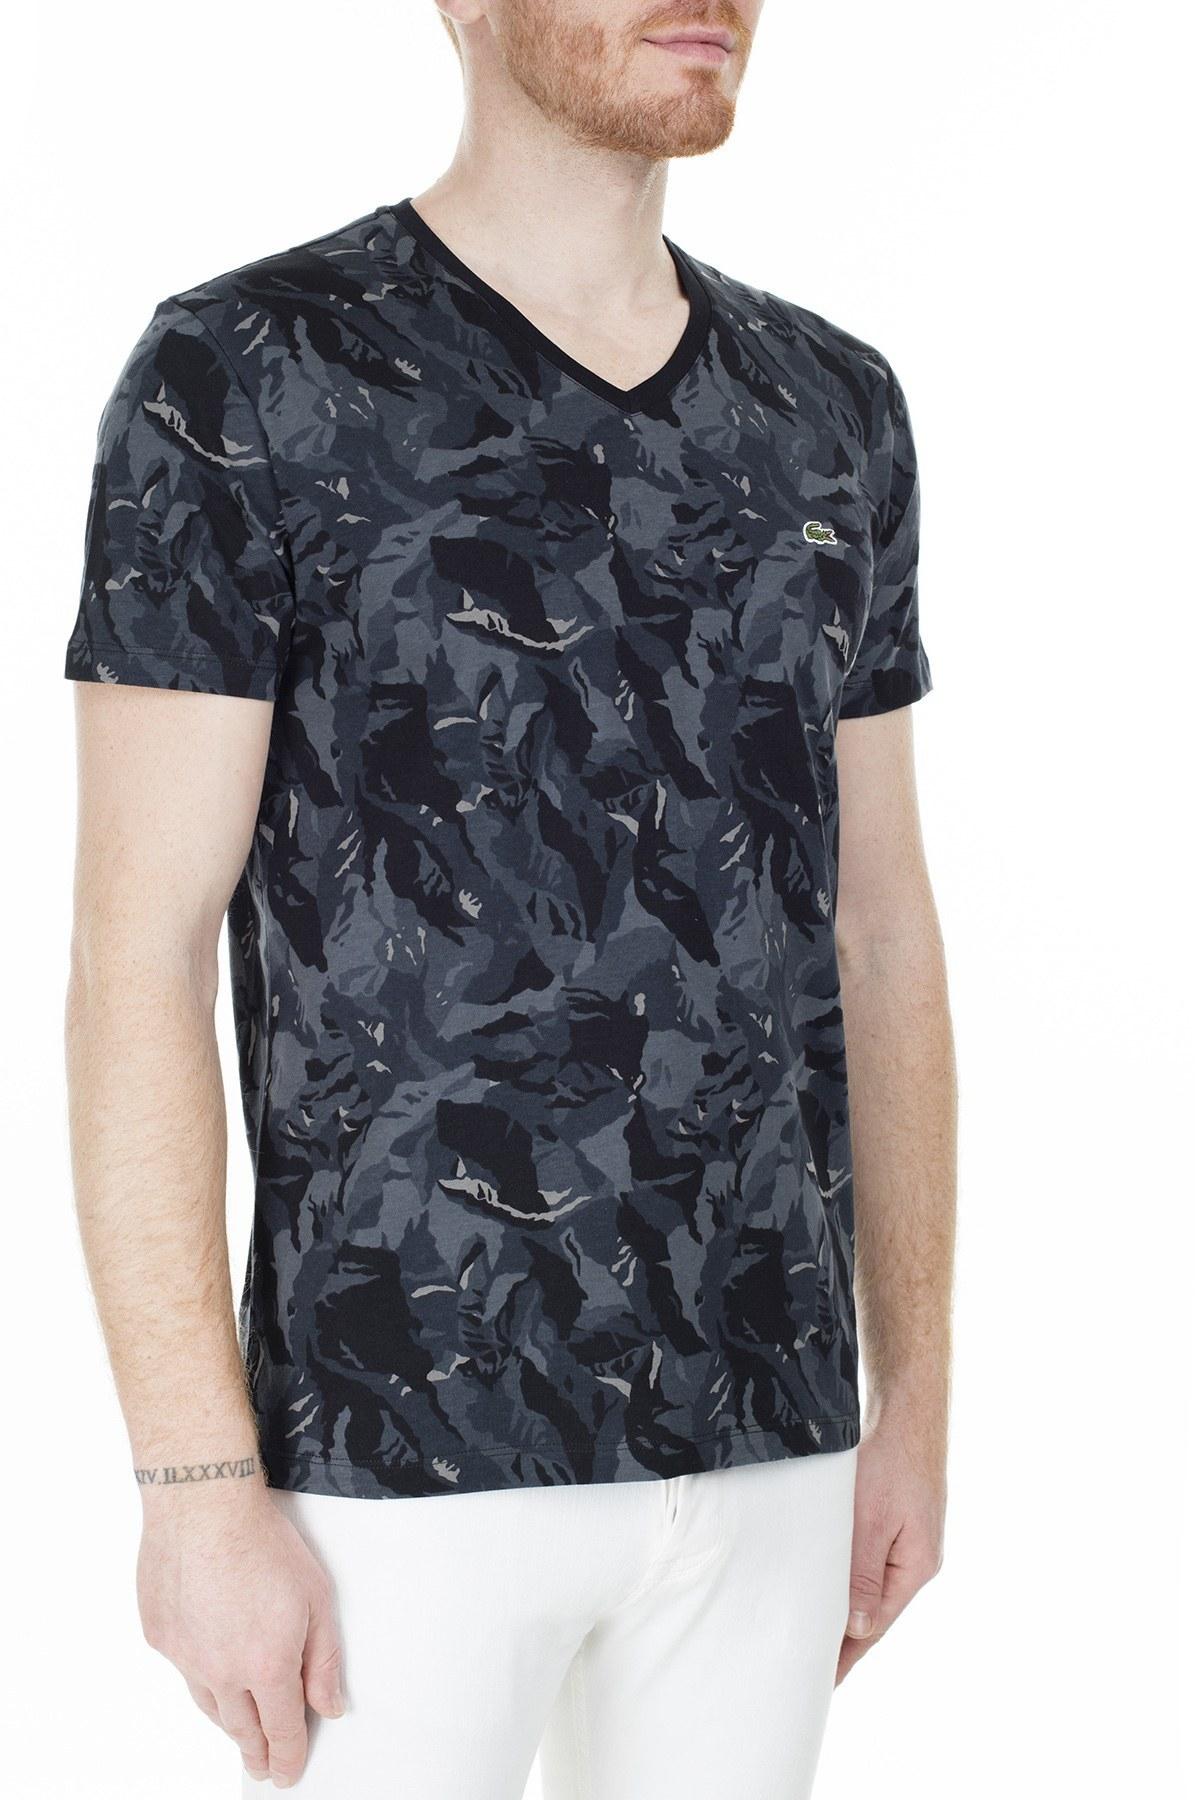 Lacoste Erkek T Shirt TH0018 18S SİYAH